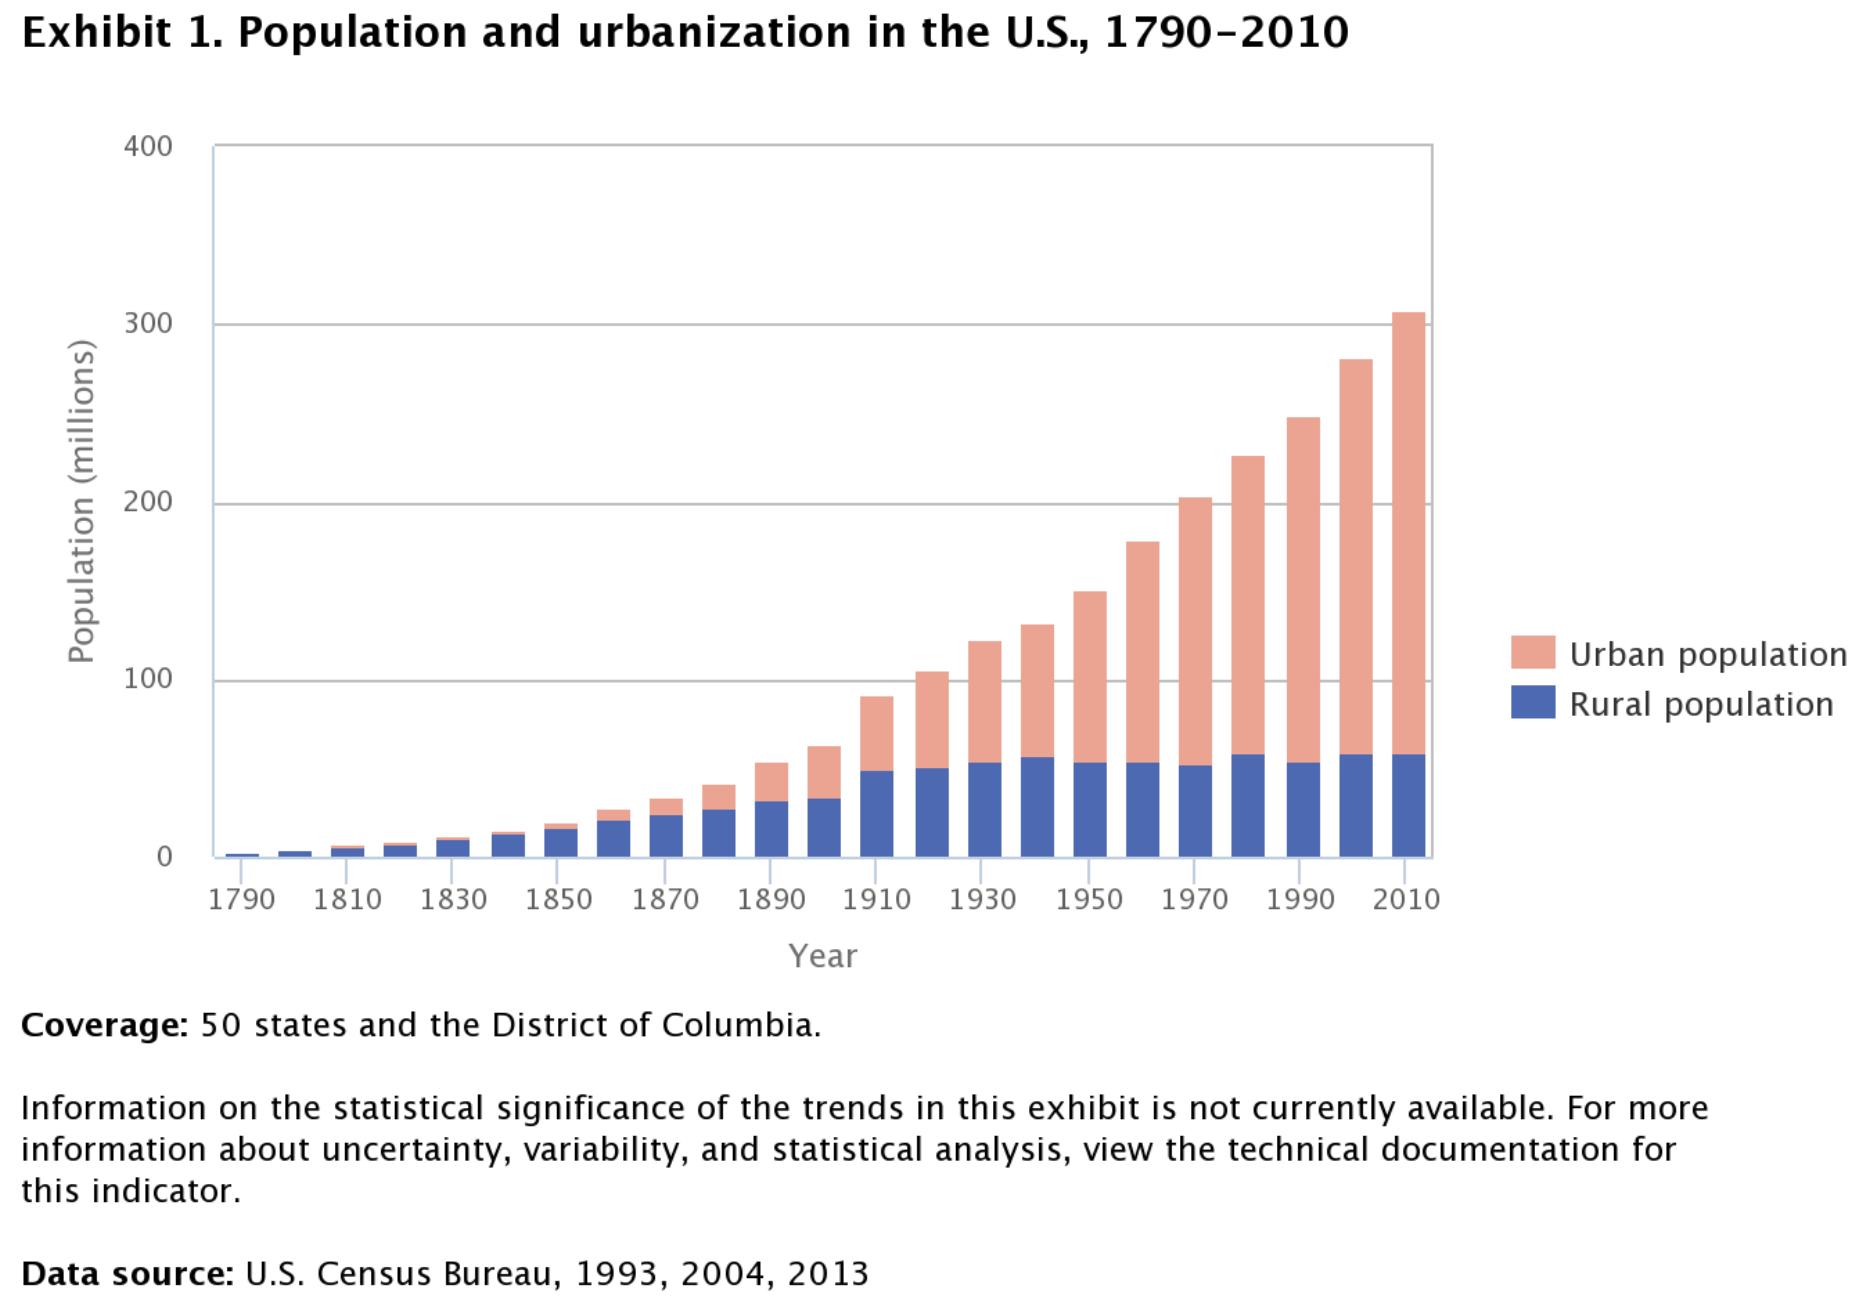 Cambio de la población rural frente a urbana que muestra una fuerte urbanización